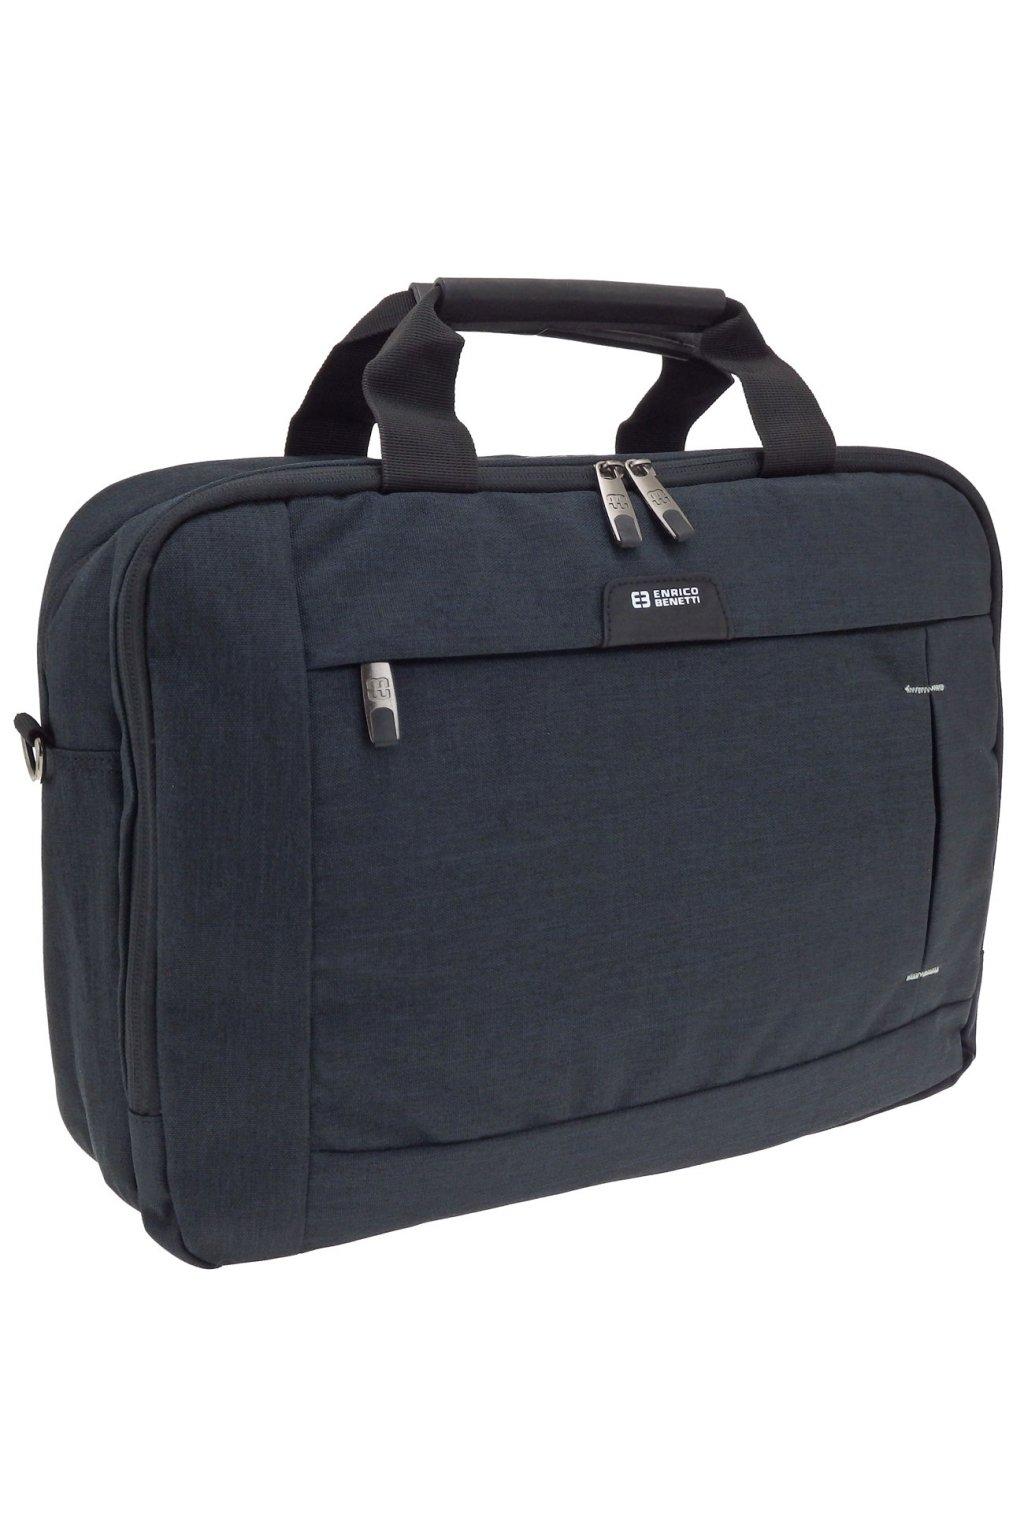 panska textilni taska ptt03 47155 c